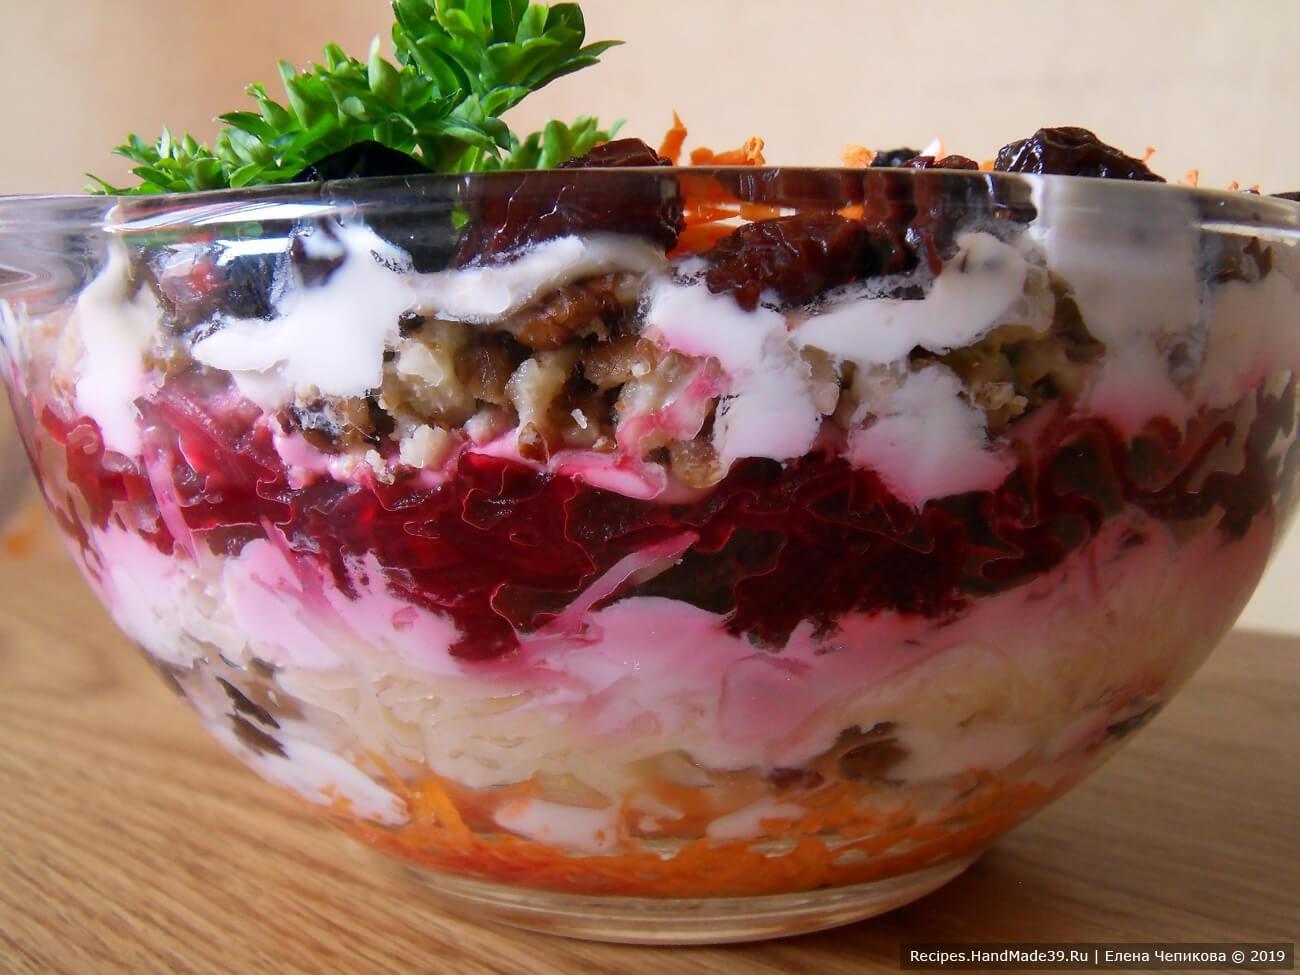 Выложить салат слоями, каждый слой смазывая сметаной: морковь – изюм – сыр с чесноком – свёкла – грецкие орехи